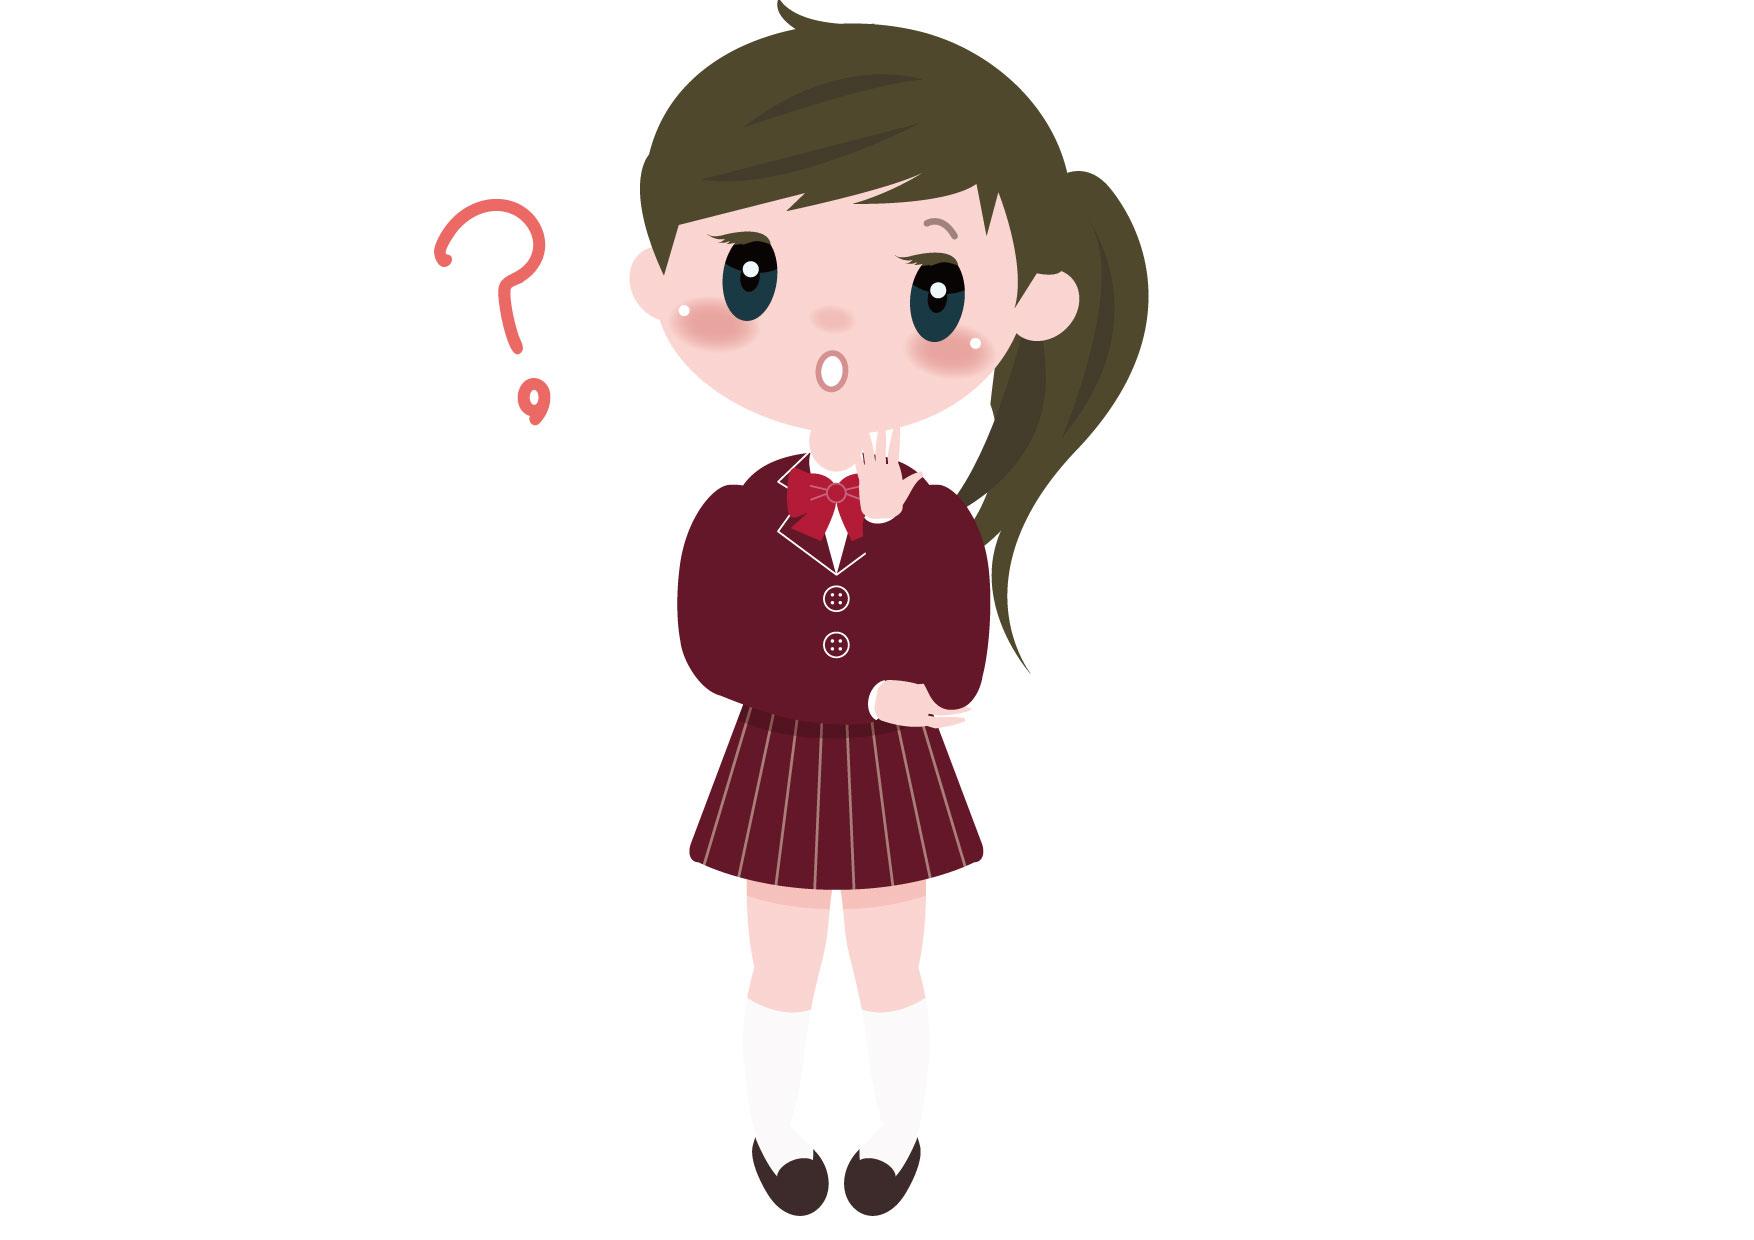 可愛いイラスト無料|学生 女の子 全身 考え事 − free illustration Student girl whole body thinking